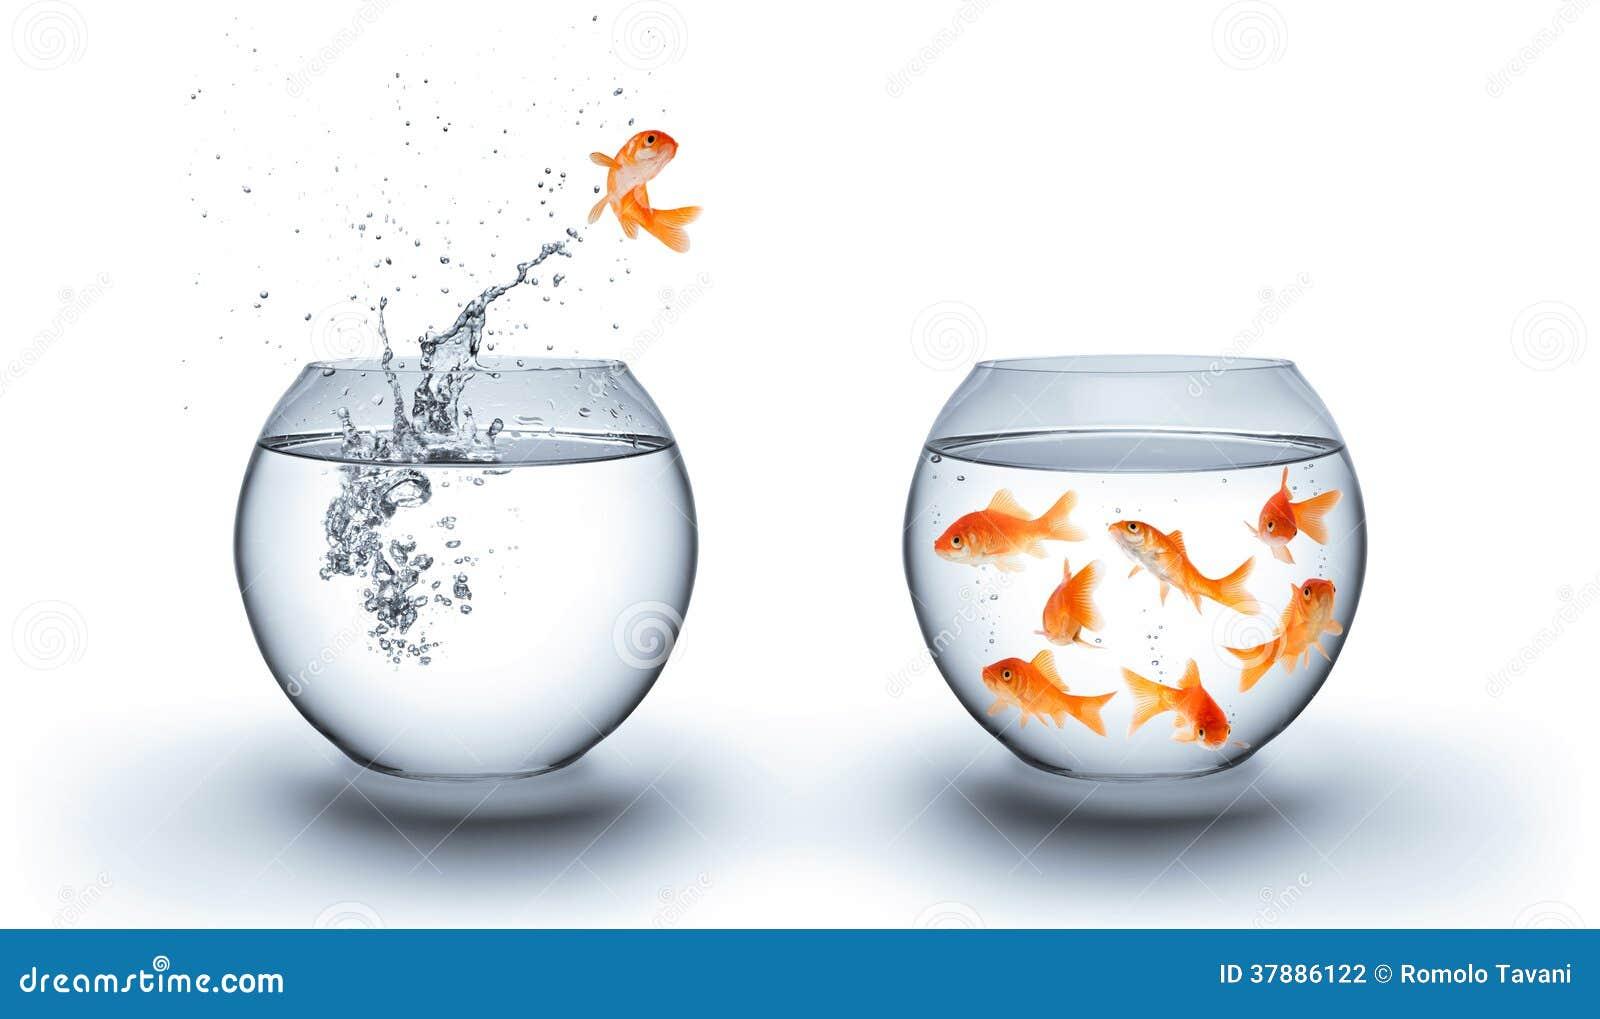 Sauter de poisson rouge de l 39 eau team le concept photo for Aquarium poisson rouge changer l eau